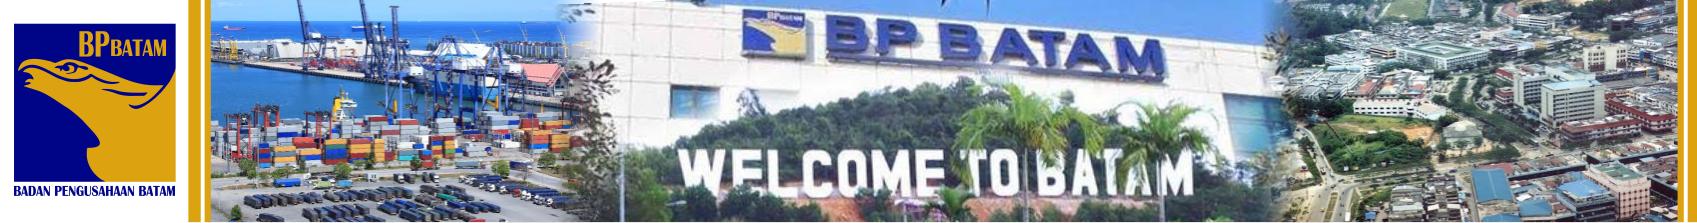 30 Anggota Dprd Kota Tanjungpinang Periode 2019 2024 Dilantik Hari Ini Kata Kepri